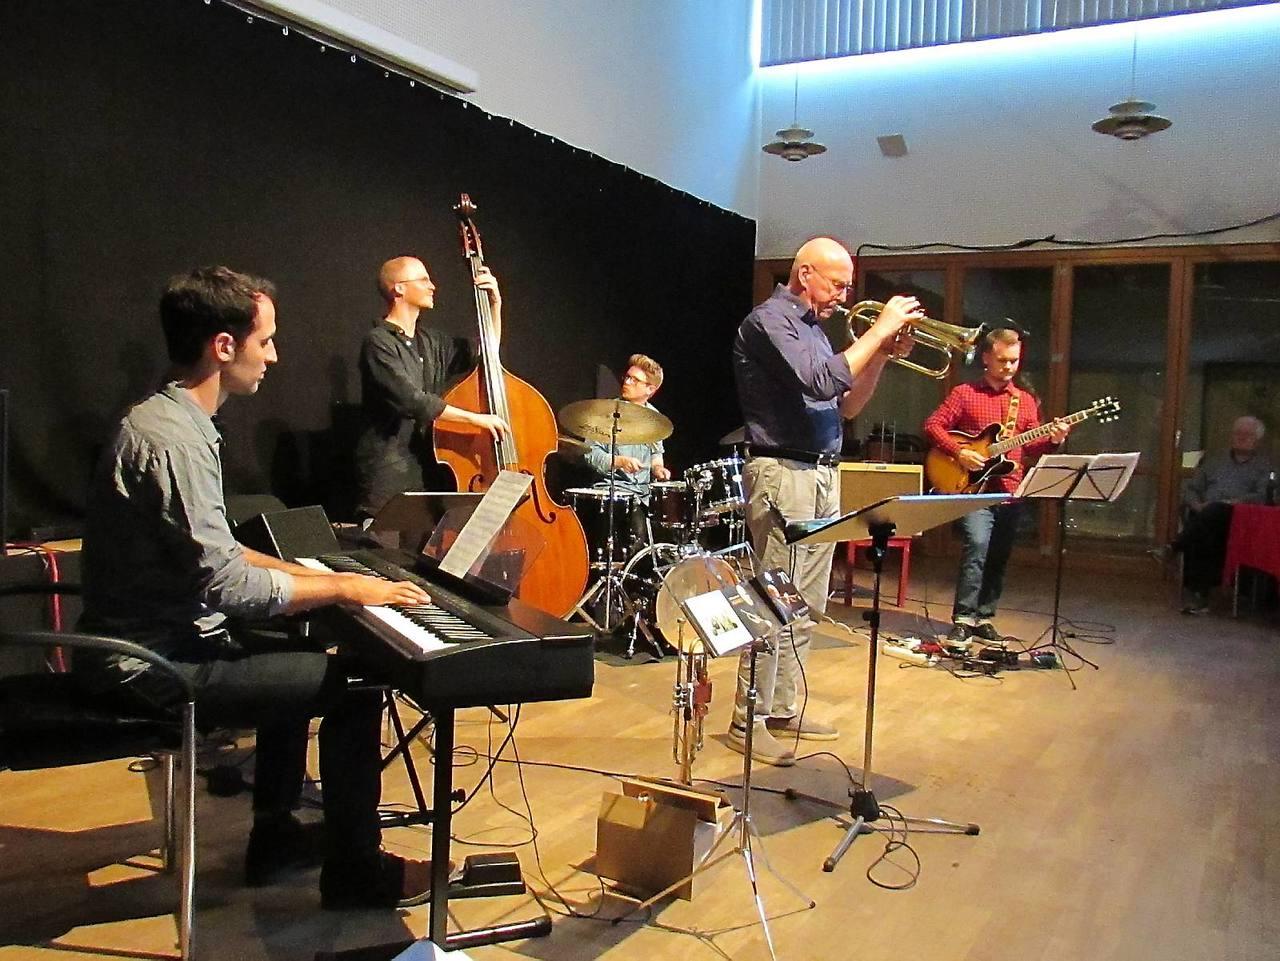 Fünf Musiker, ein Genre: Das Beckerhoff-Quintett entführte das Publikum im Huk in die Welt des Jazz.